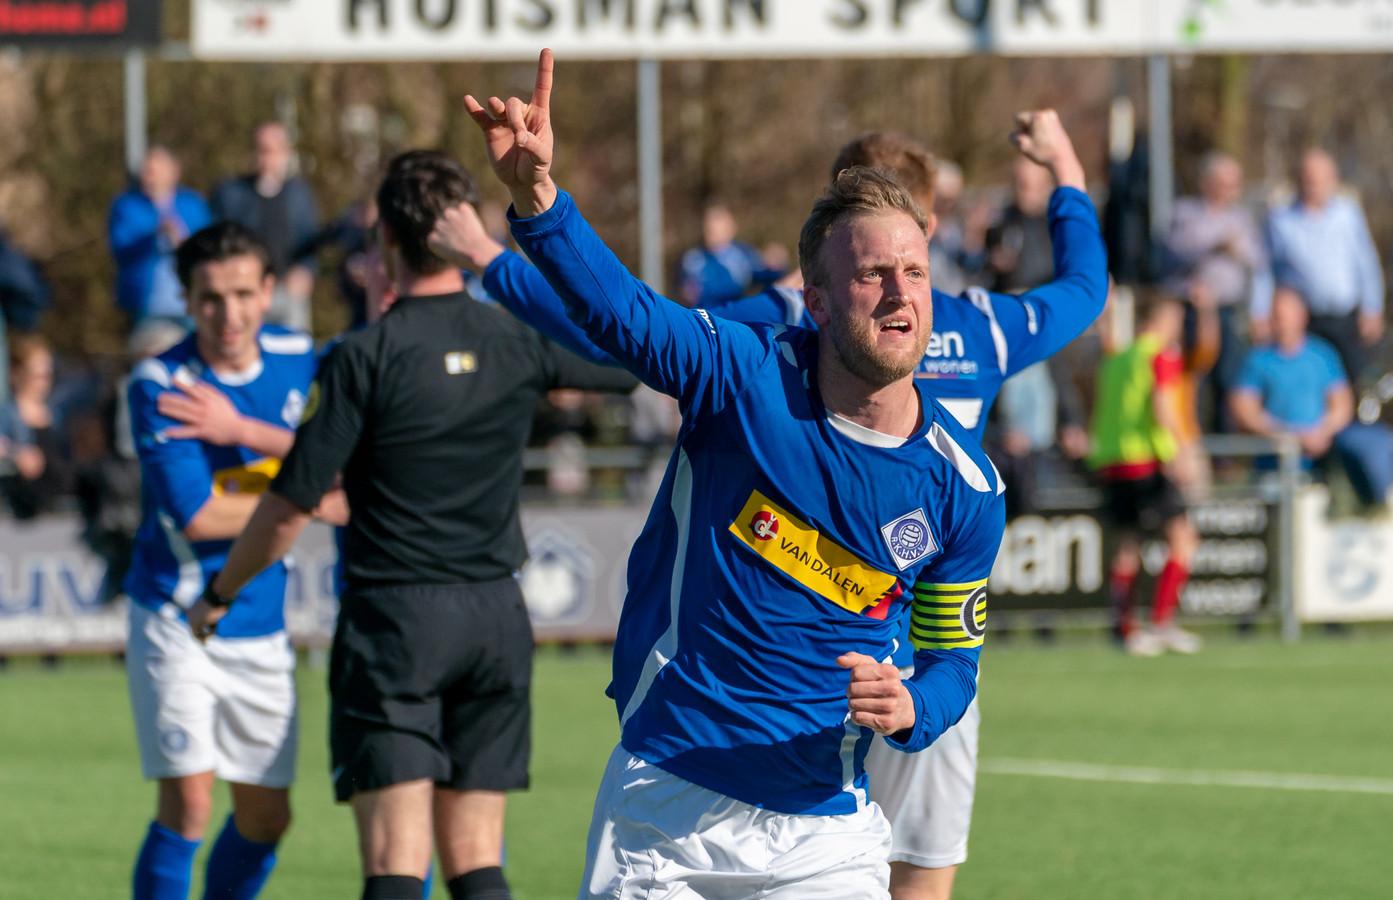 Rutger Worm is bij RKHVV dit seizoen aanvoerder, net als in zijn drie seizoenen bij DFS in Opheusden.